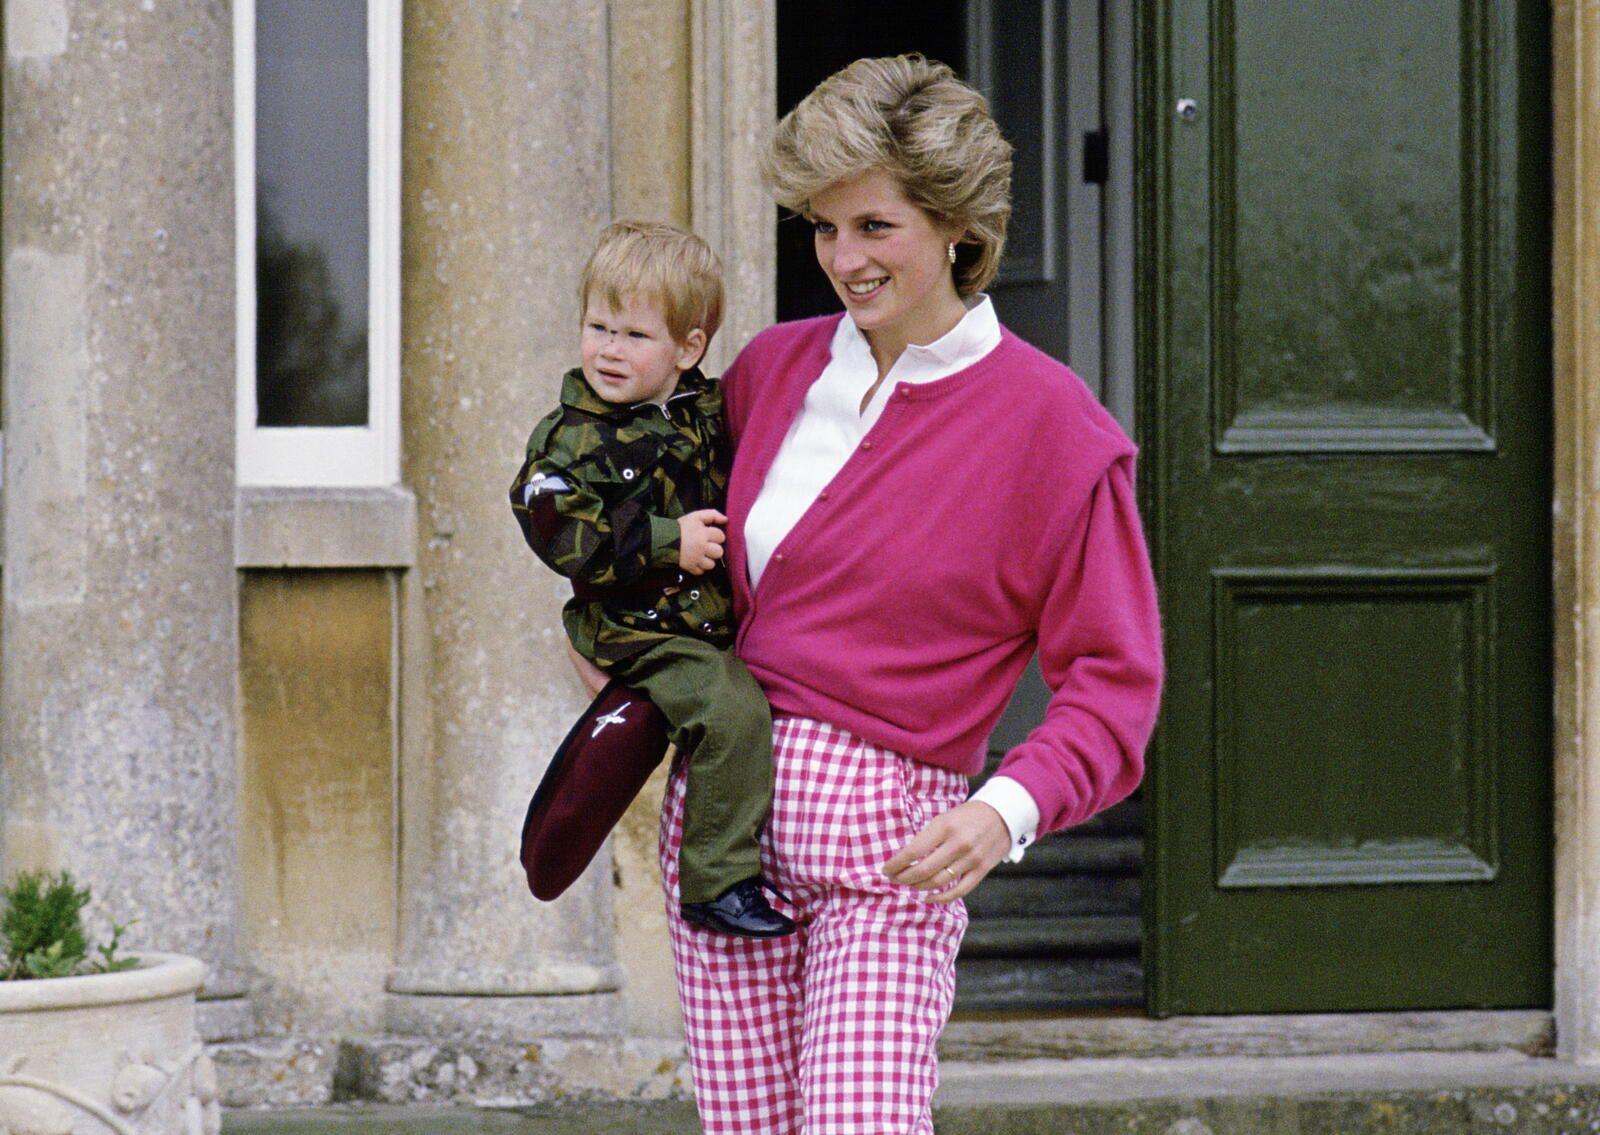 بالصور لقاء يجمع هاري مع سيدة التقتها والدته الأمير ديانا قبل 22 عام ا فما قصتها Princess Diana Photos Prince Harry Princess Diana